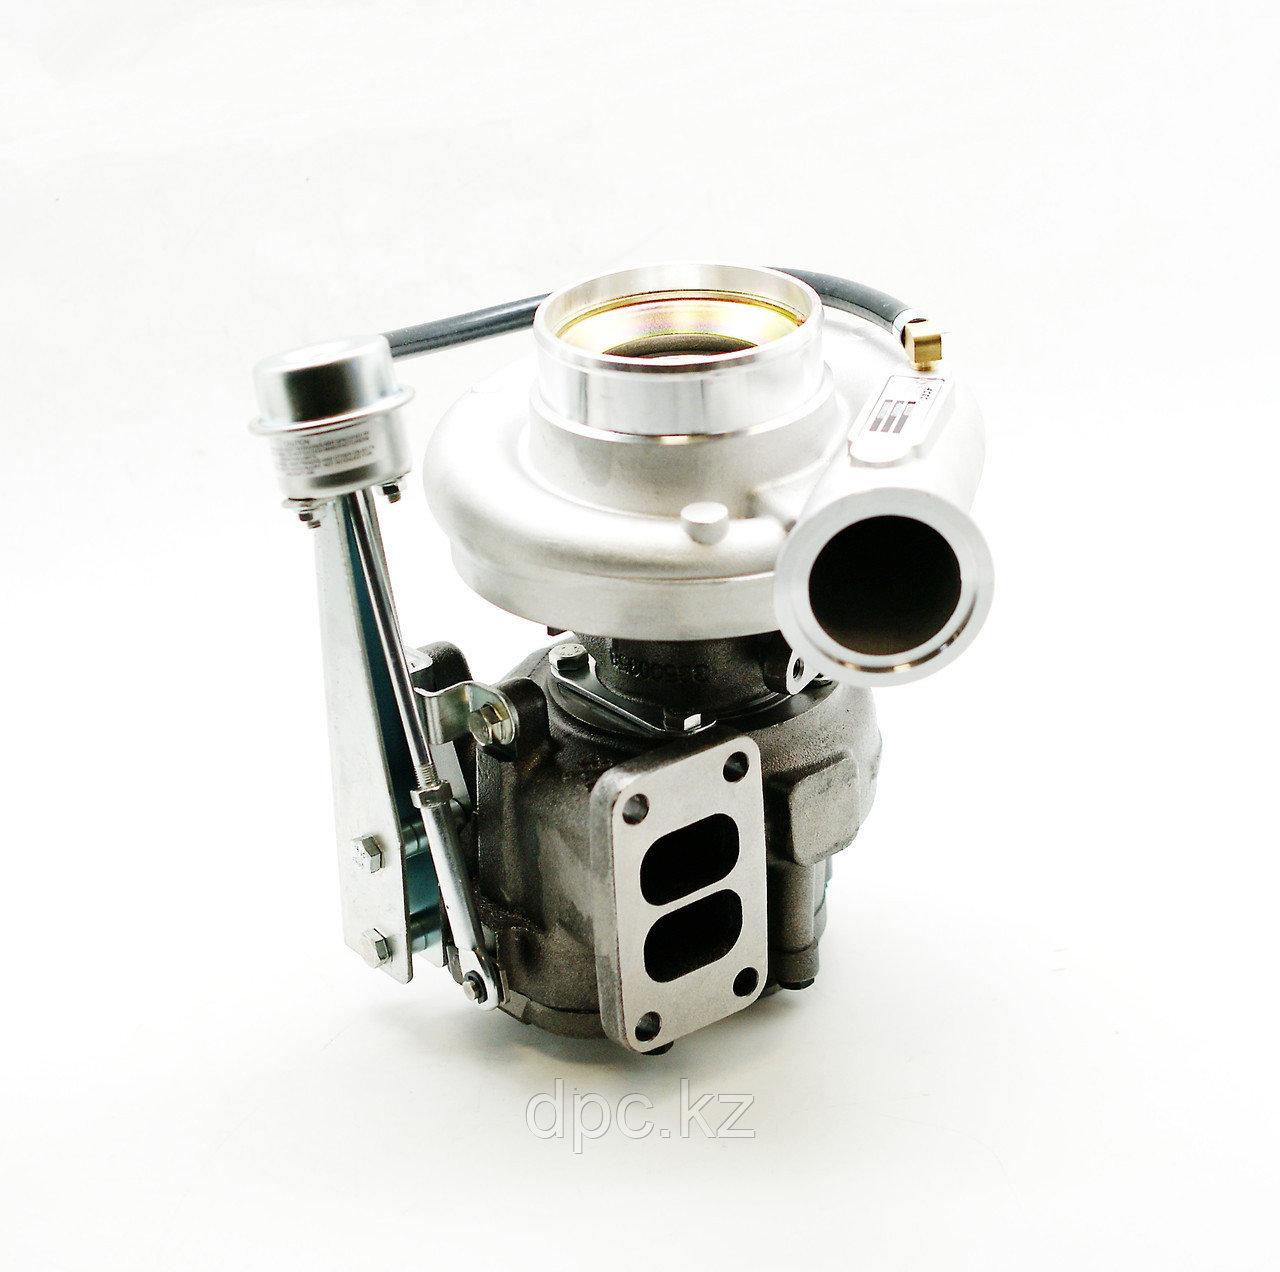 Турбокомпрессор HX351W FCEC для двигателя Cummins 6ISBe 6.7 4043980 4043982 - фото 1